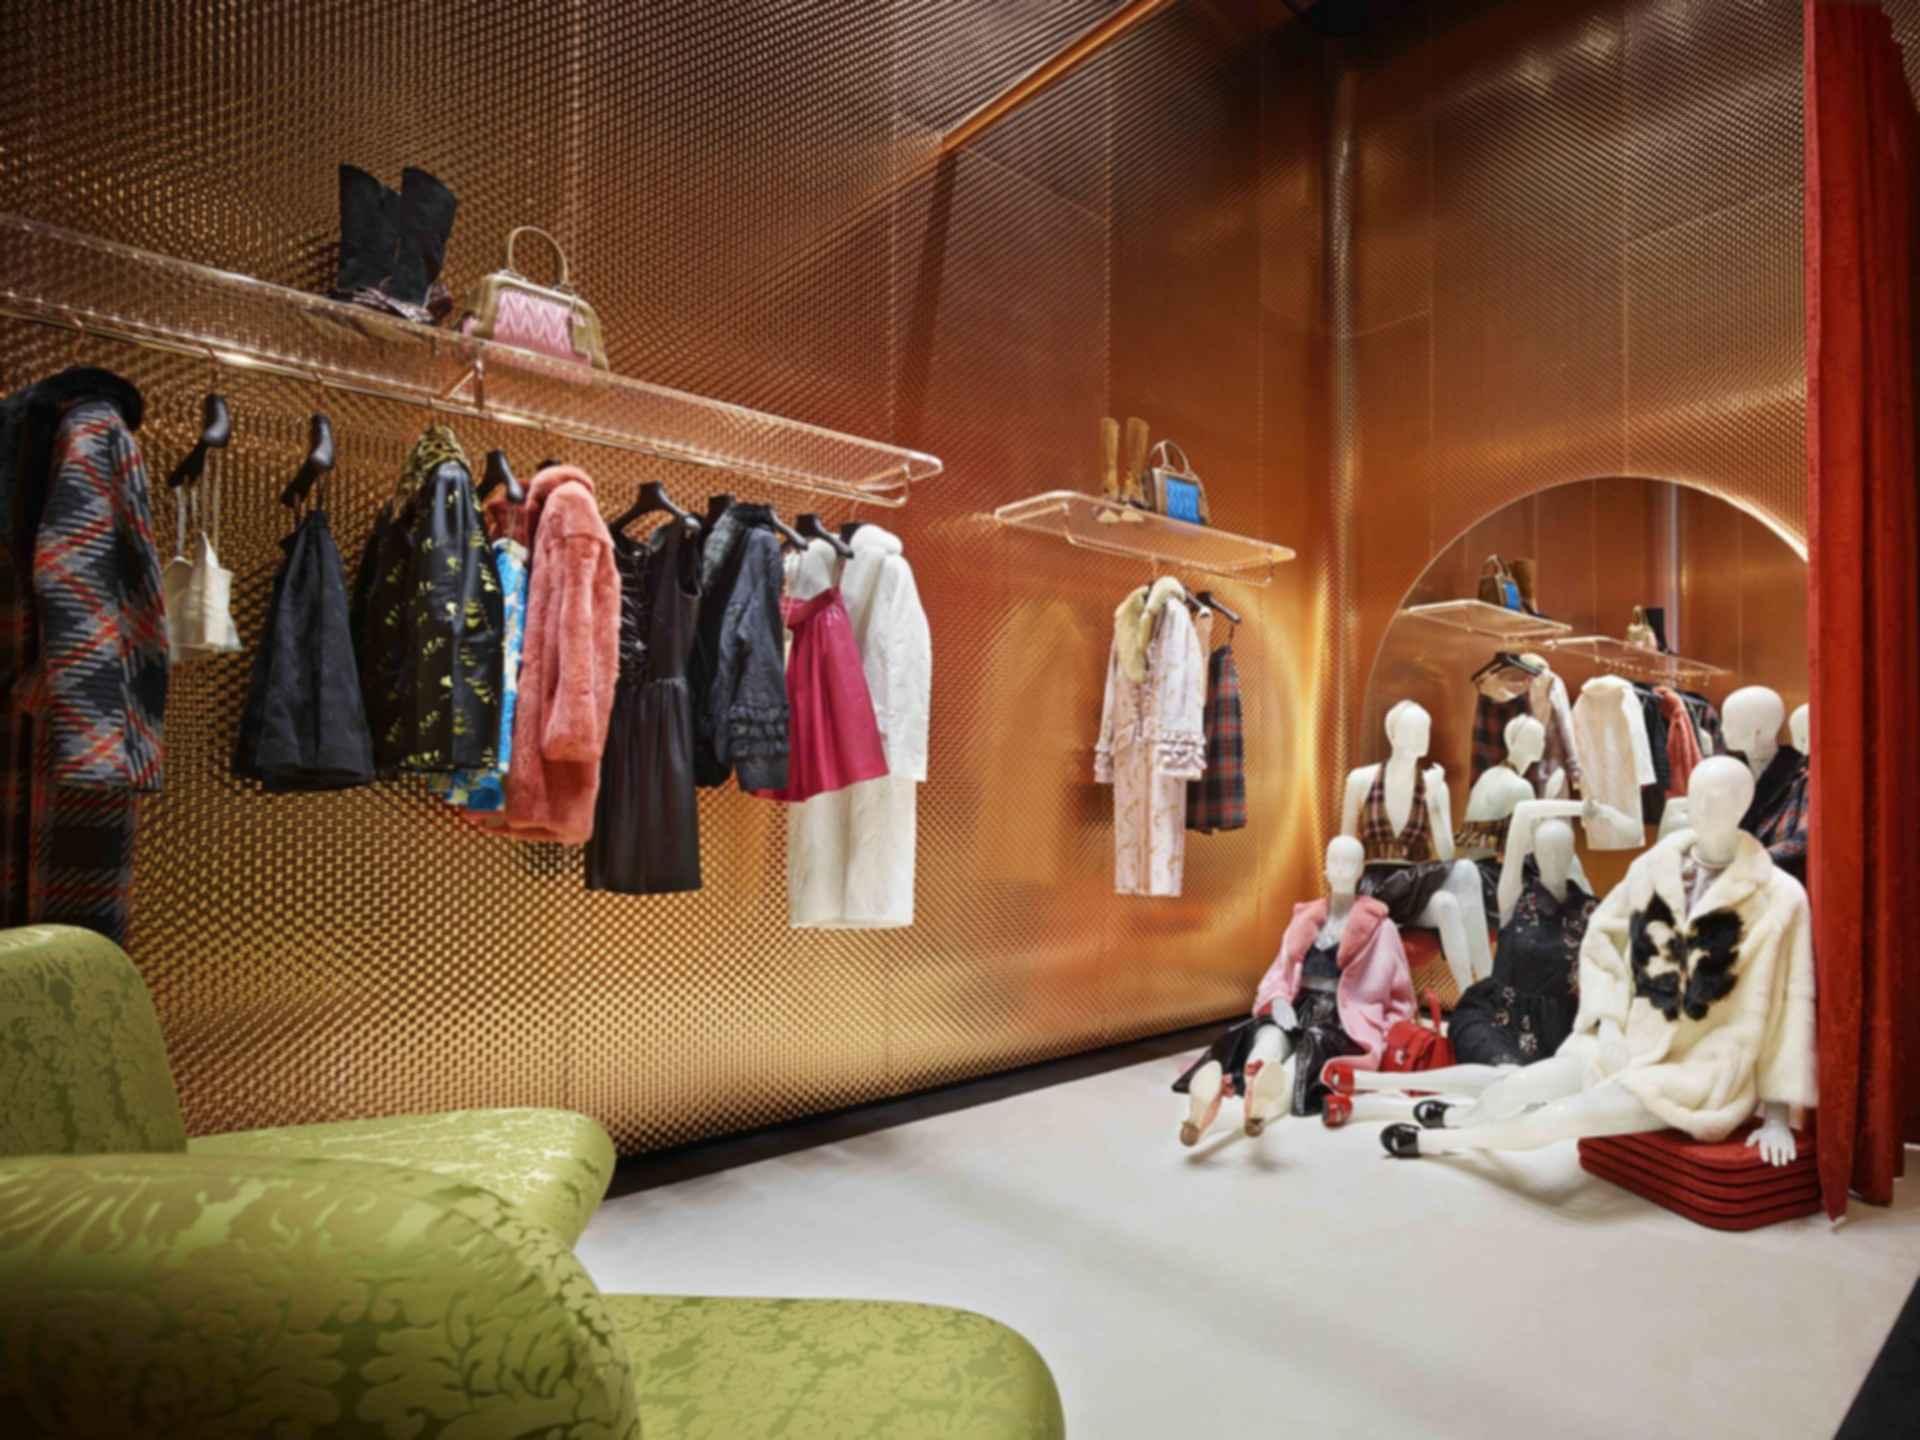 Miu Miu Store - Interior